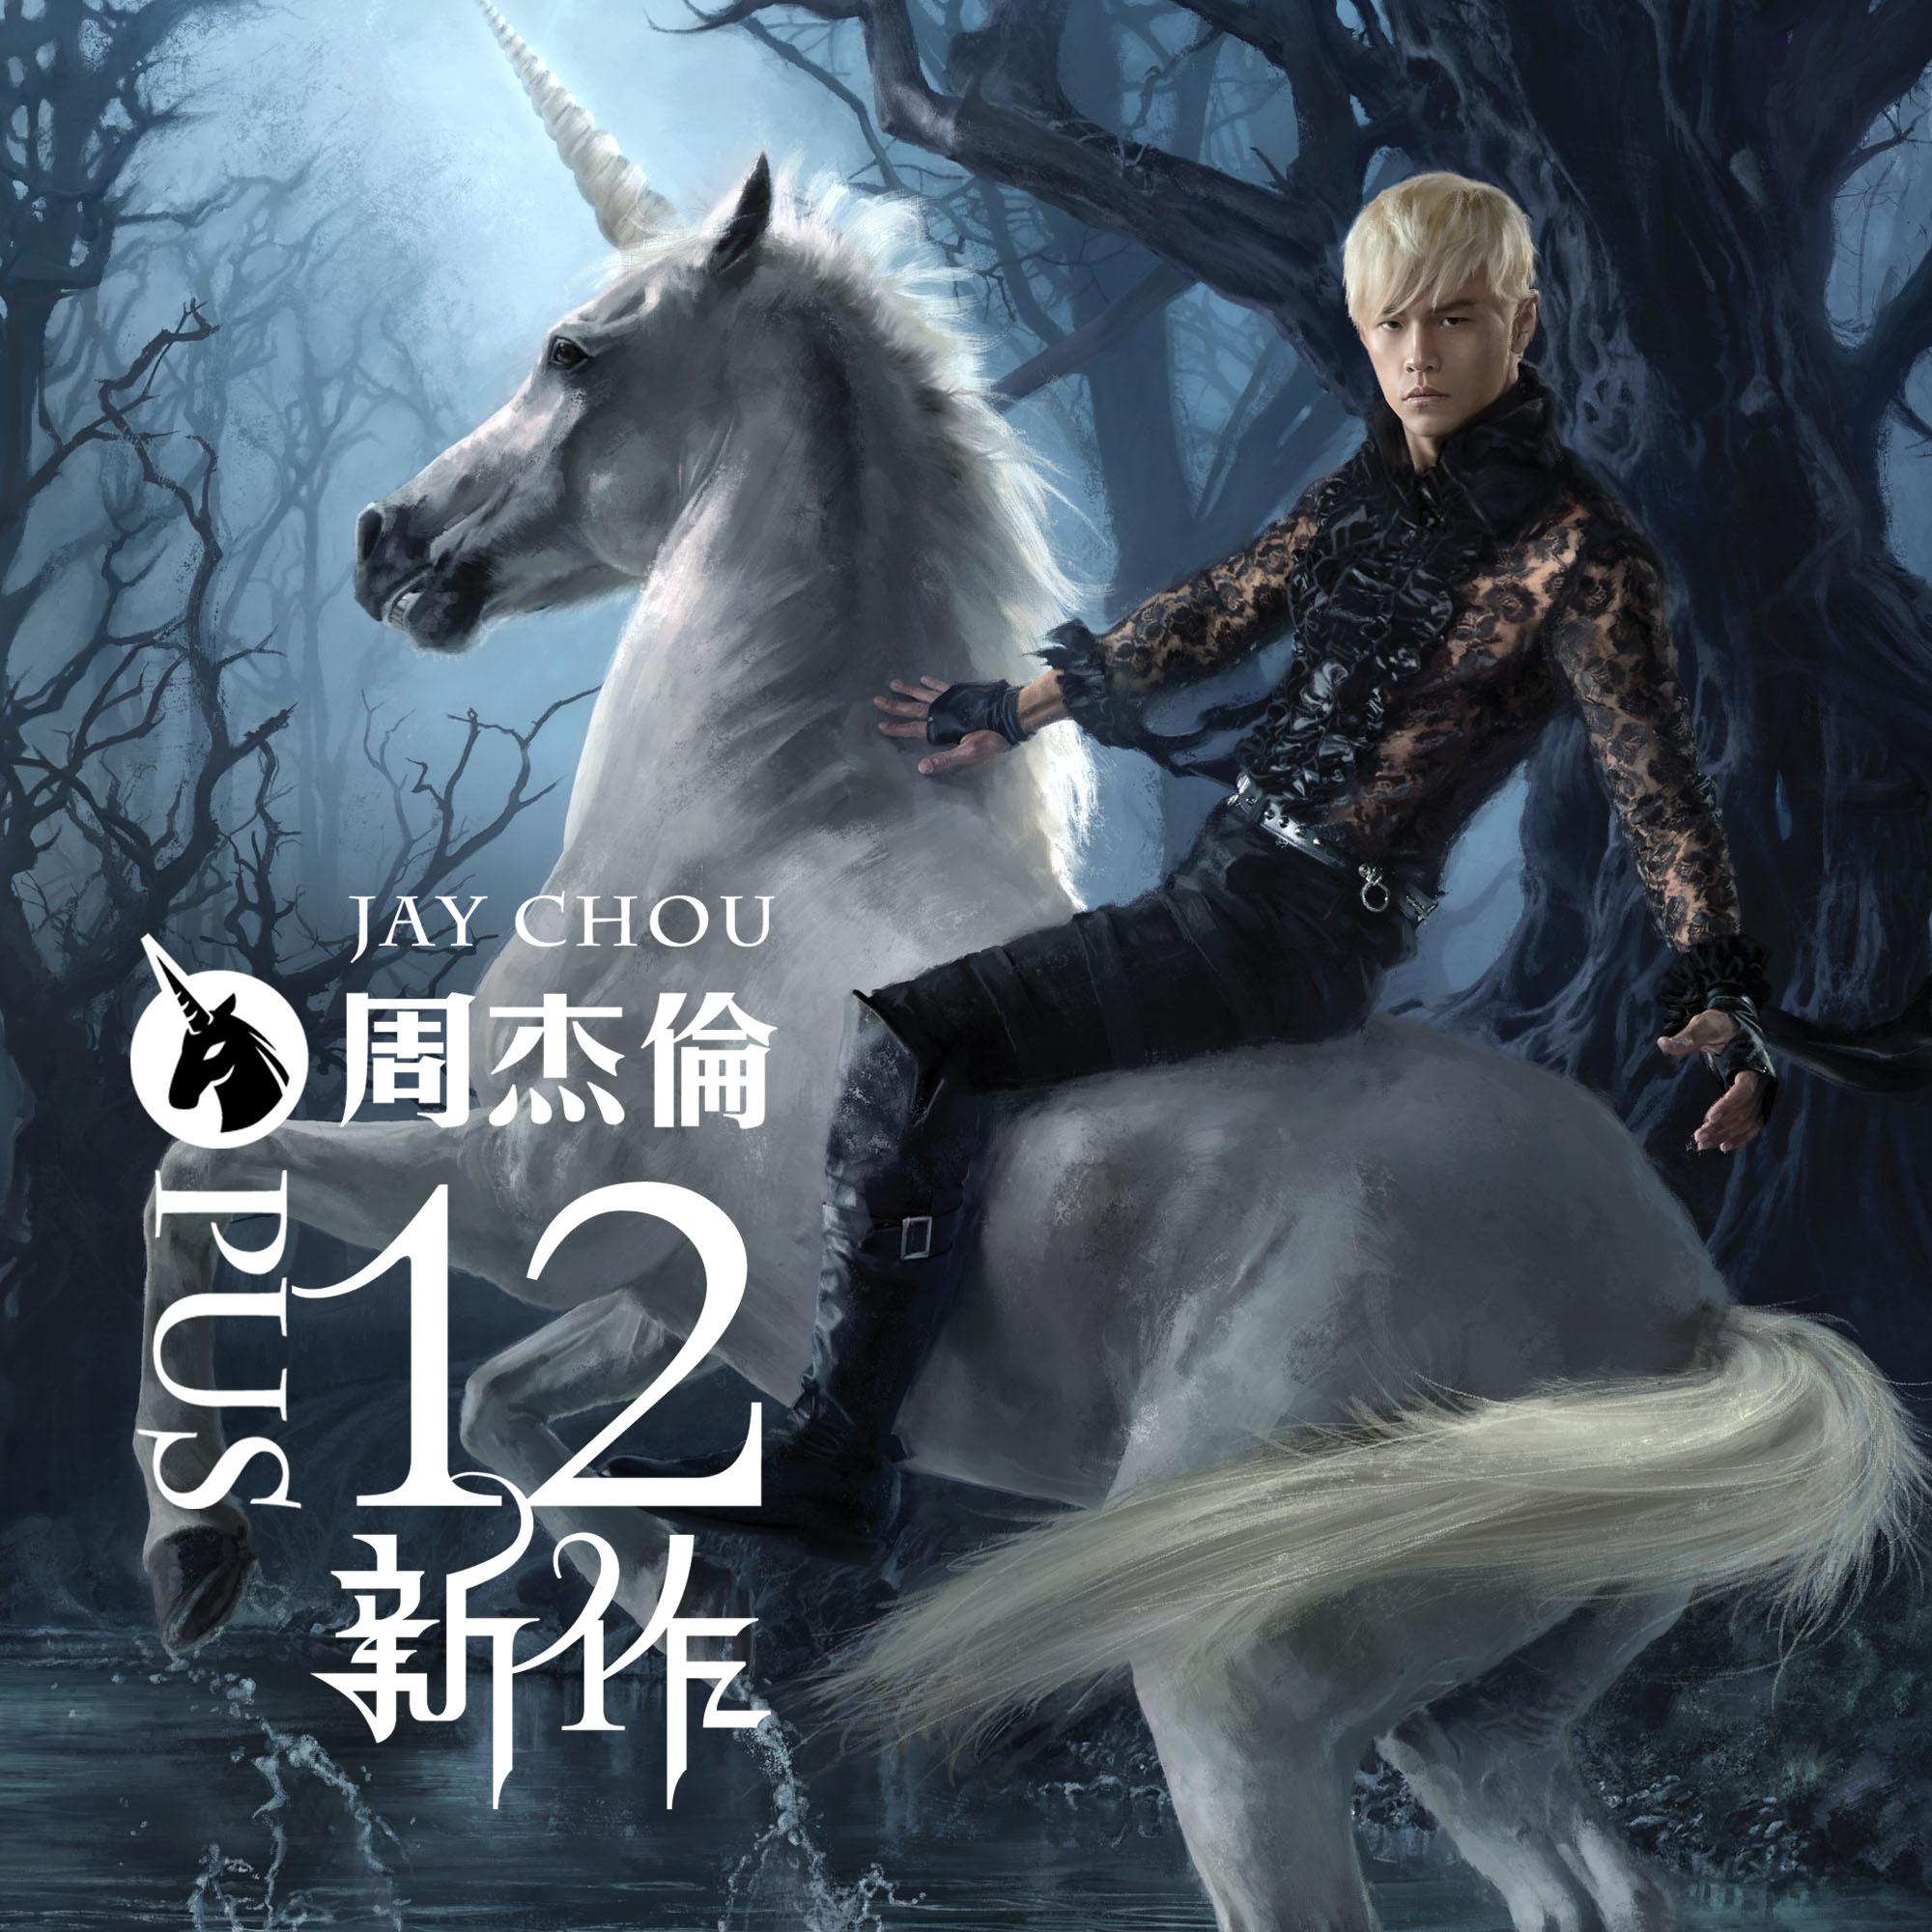 Jay Chou 2012 album Opus 12